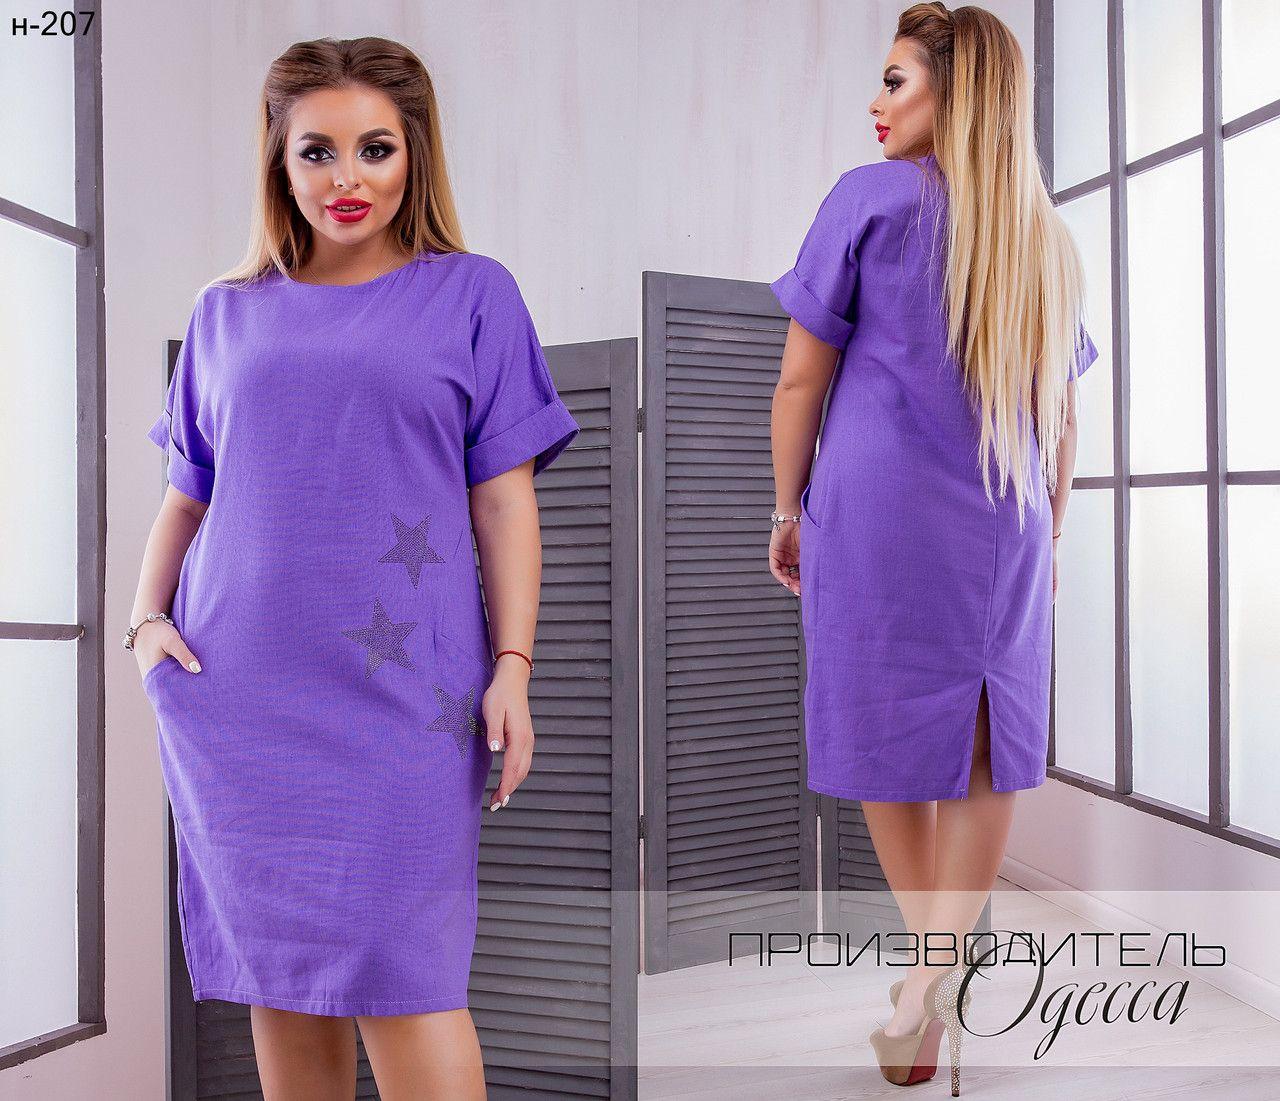 206b6fec9a3 Купить Стильное льняное женское платье Звезды большого размера 48-62 6  цветов в Одессе от